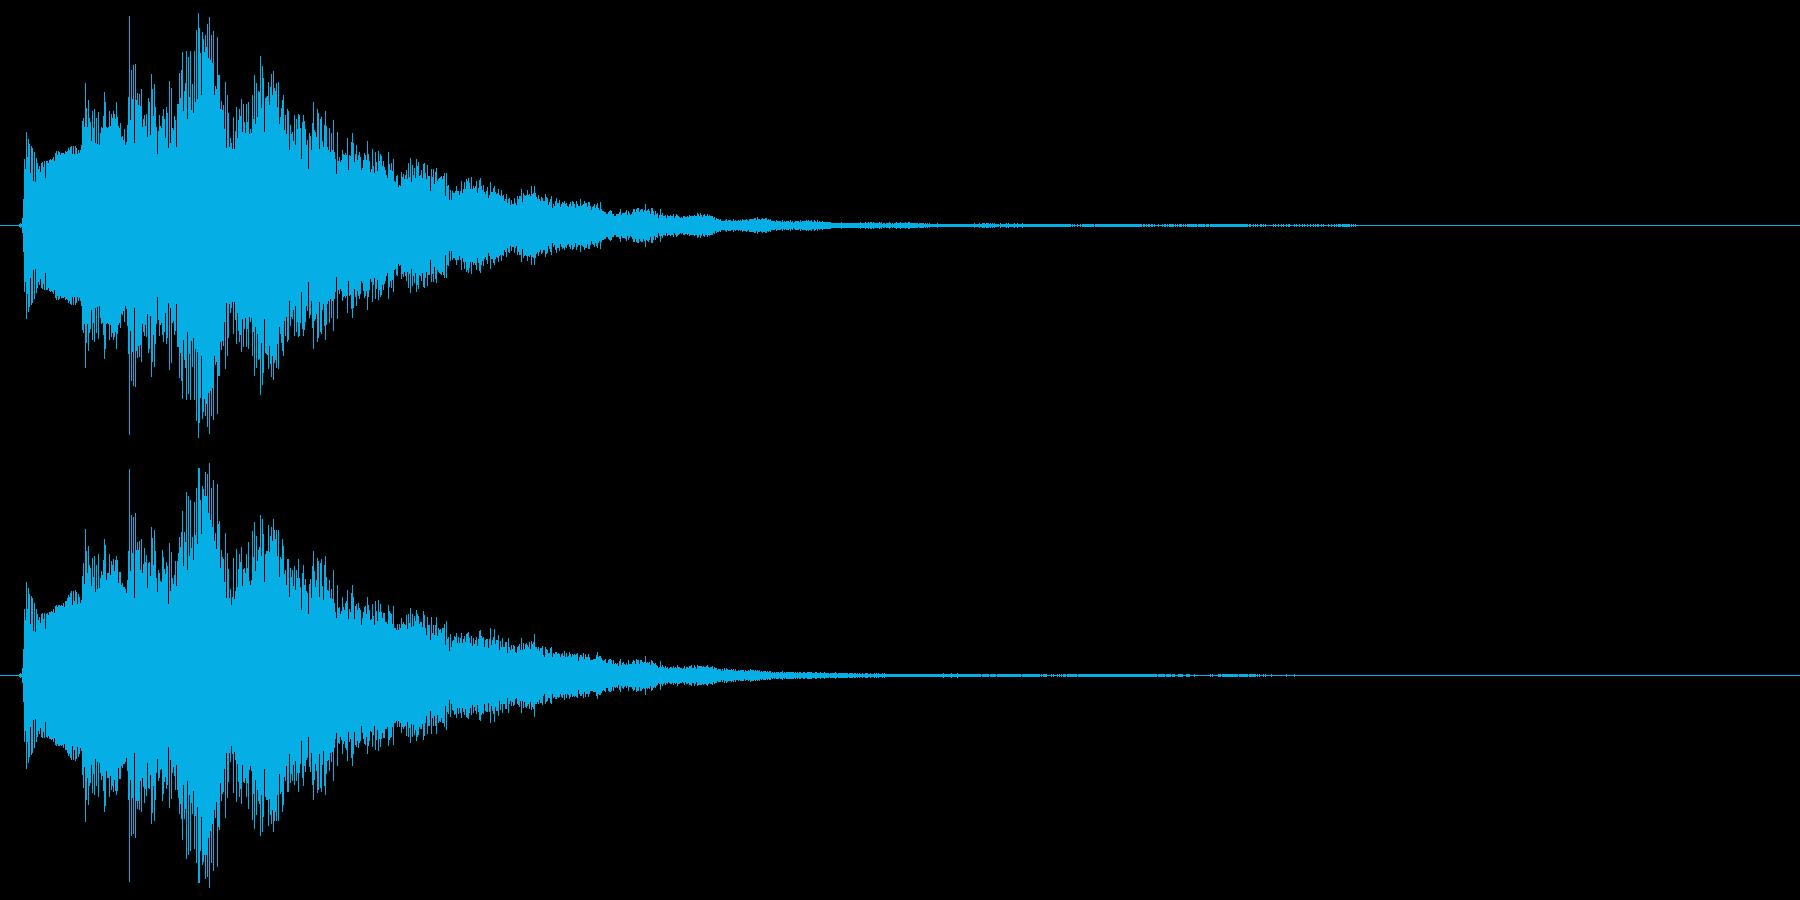 キラーン(決定音、ミステリアス、不思議)の再生済みの波形